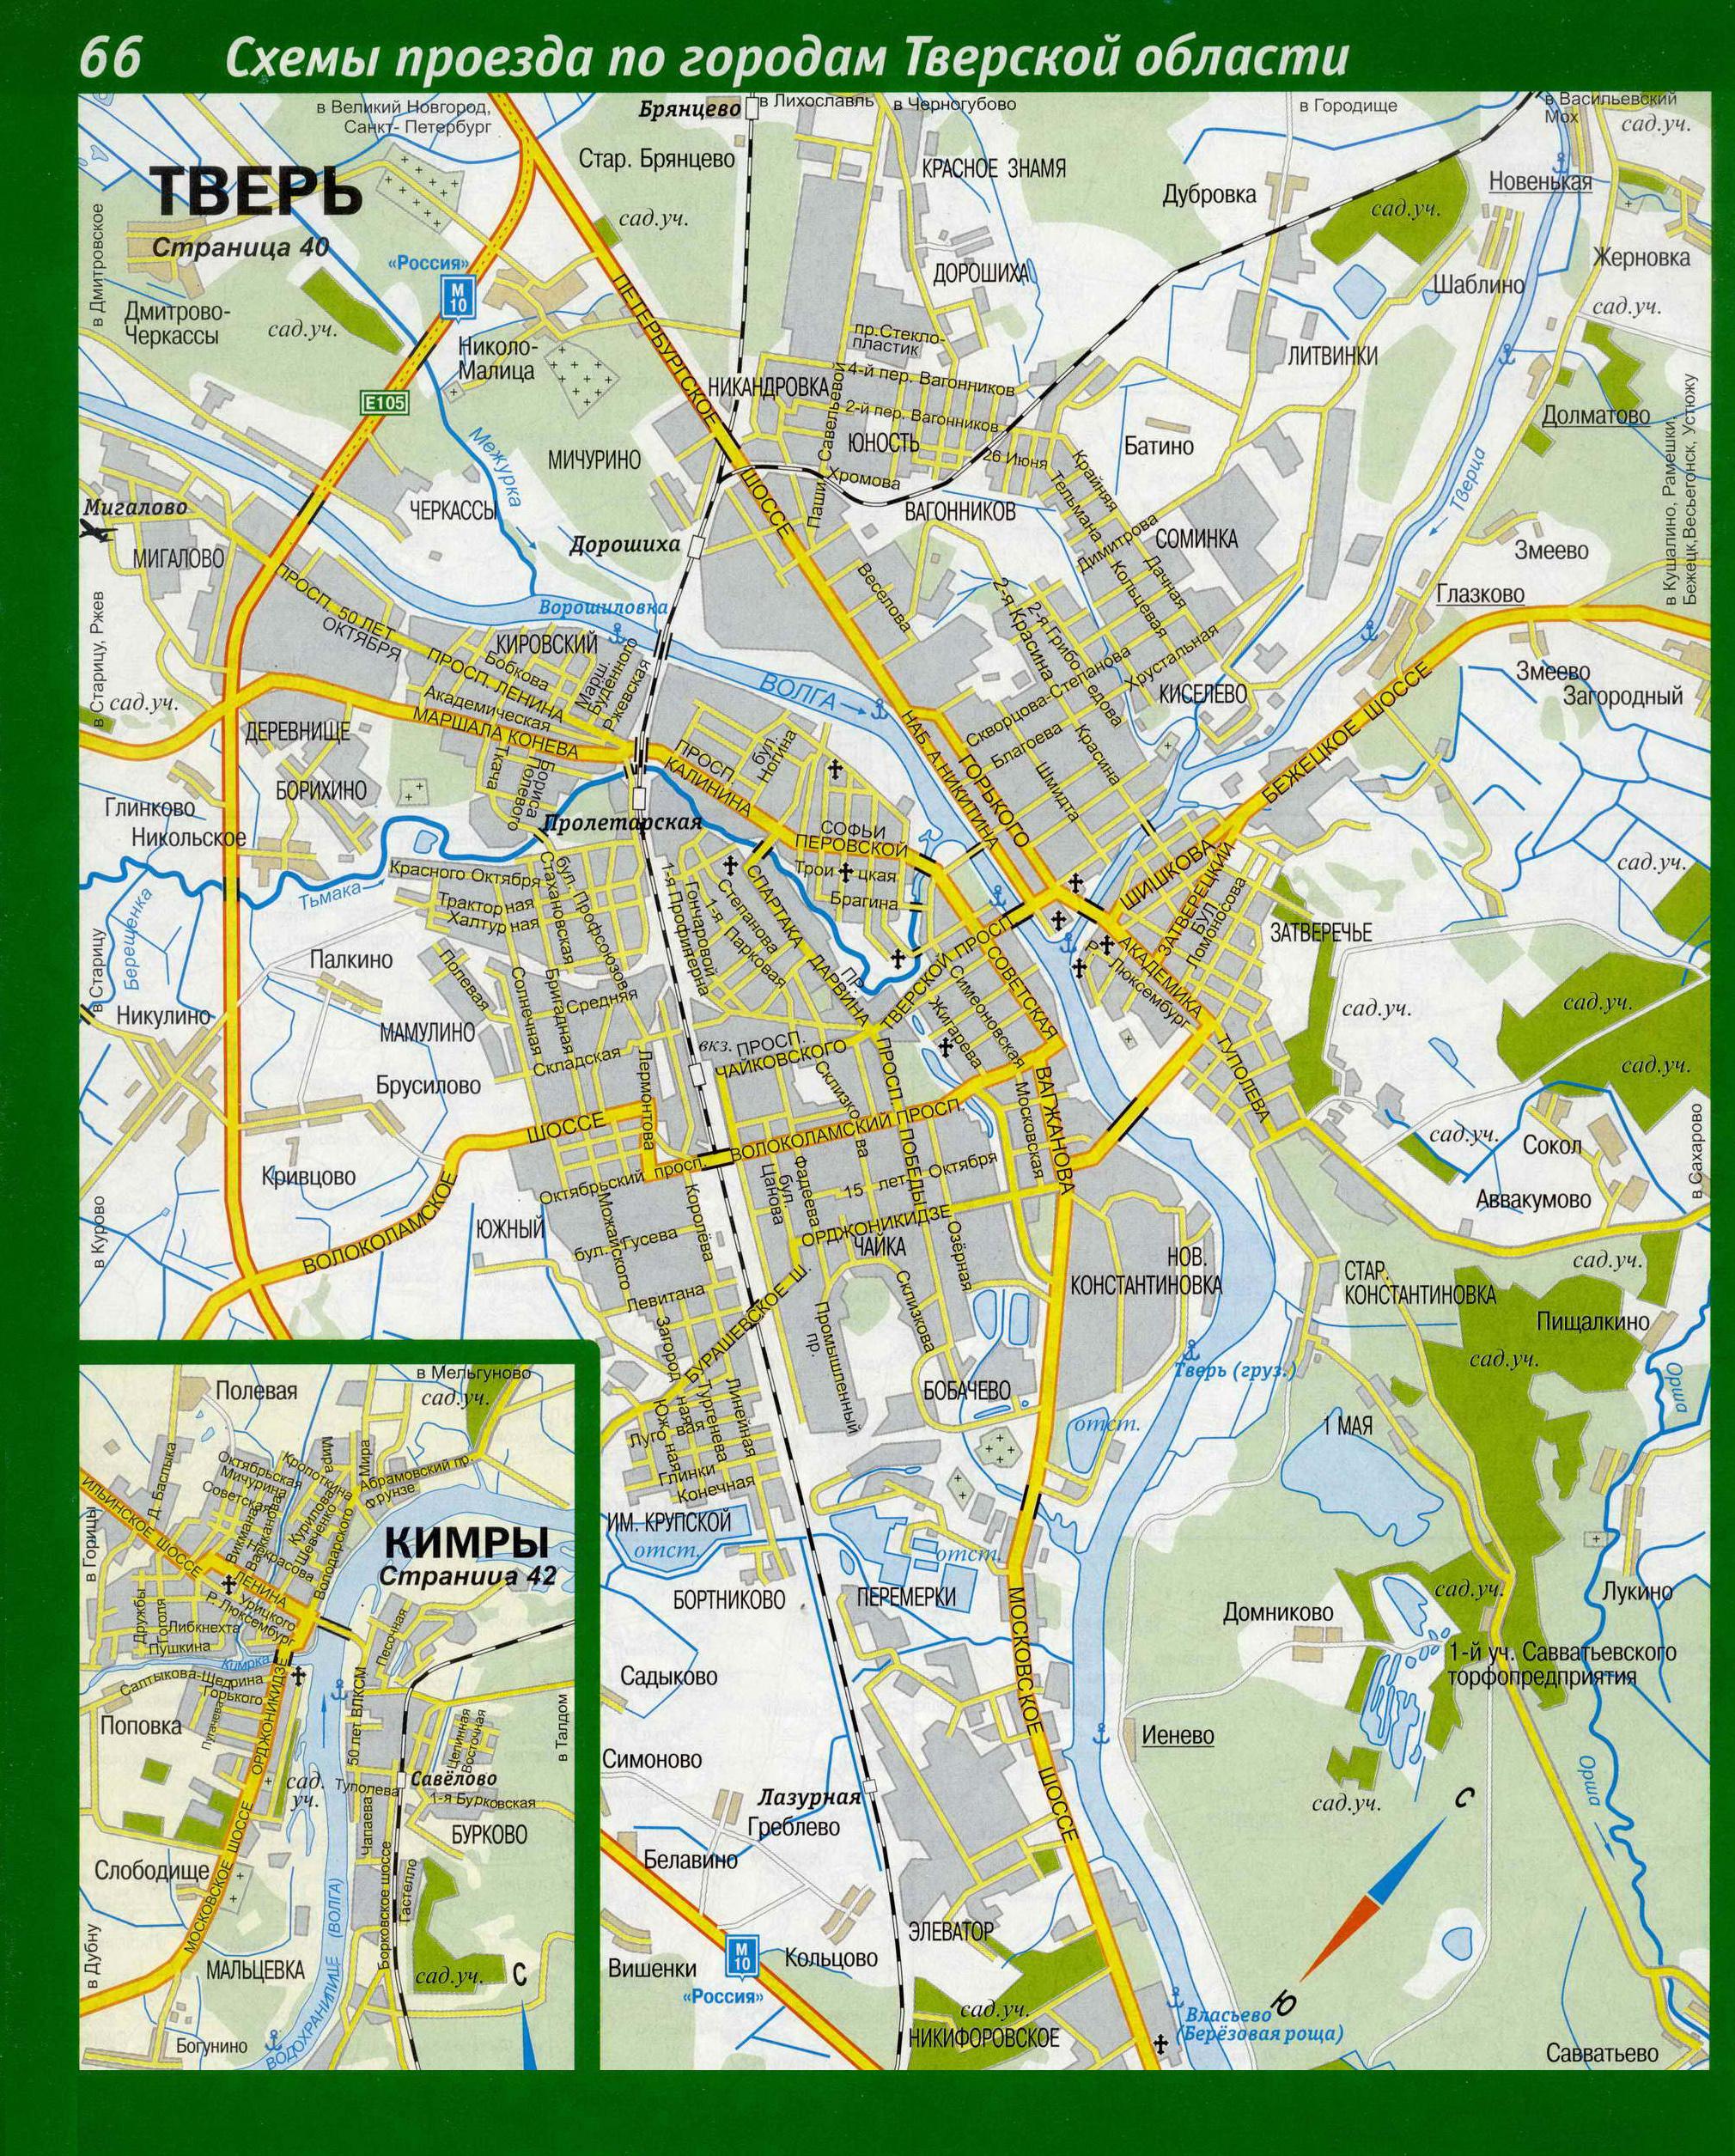 Подробная карта улиц города Тверь со схемой проезда автотранспорта.